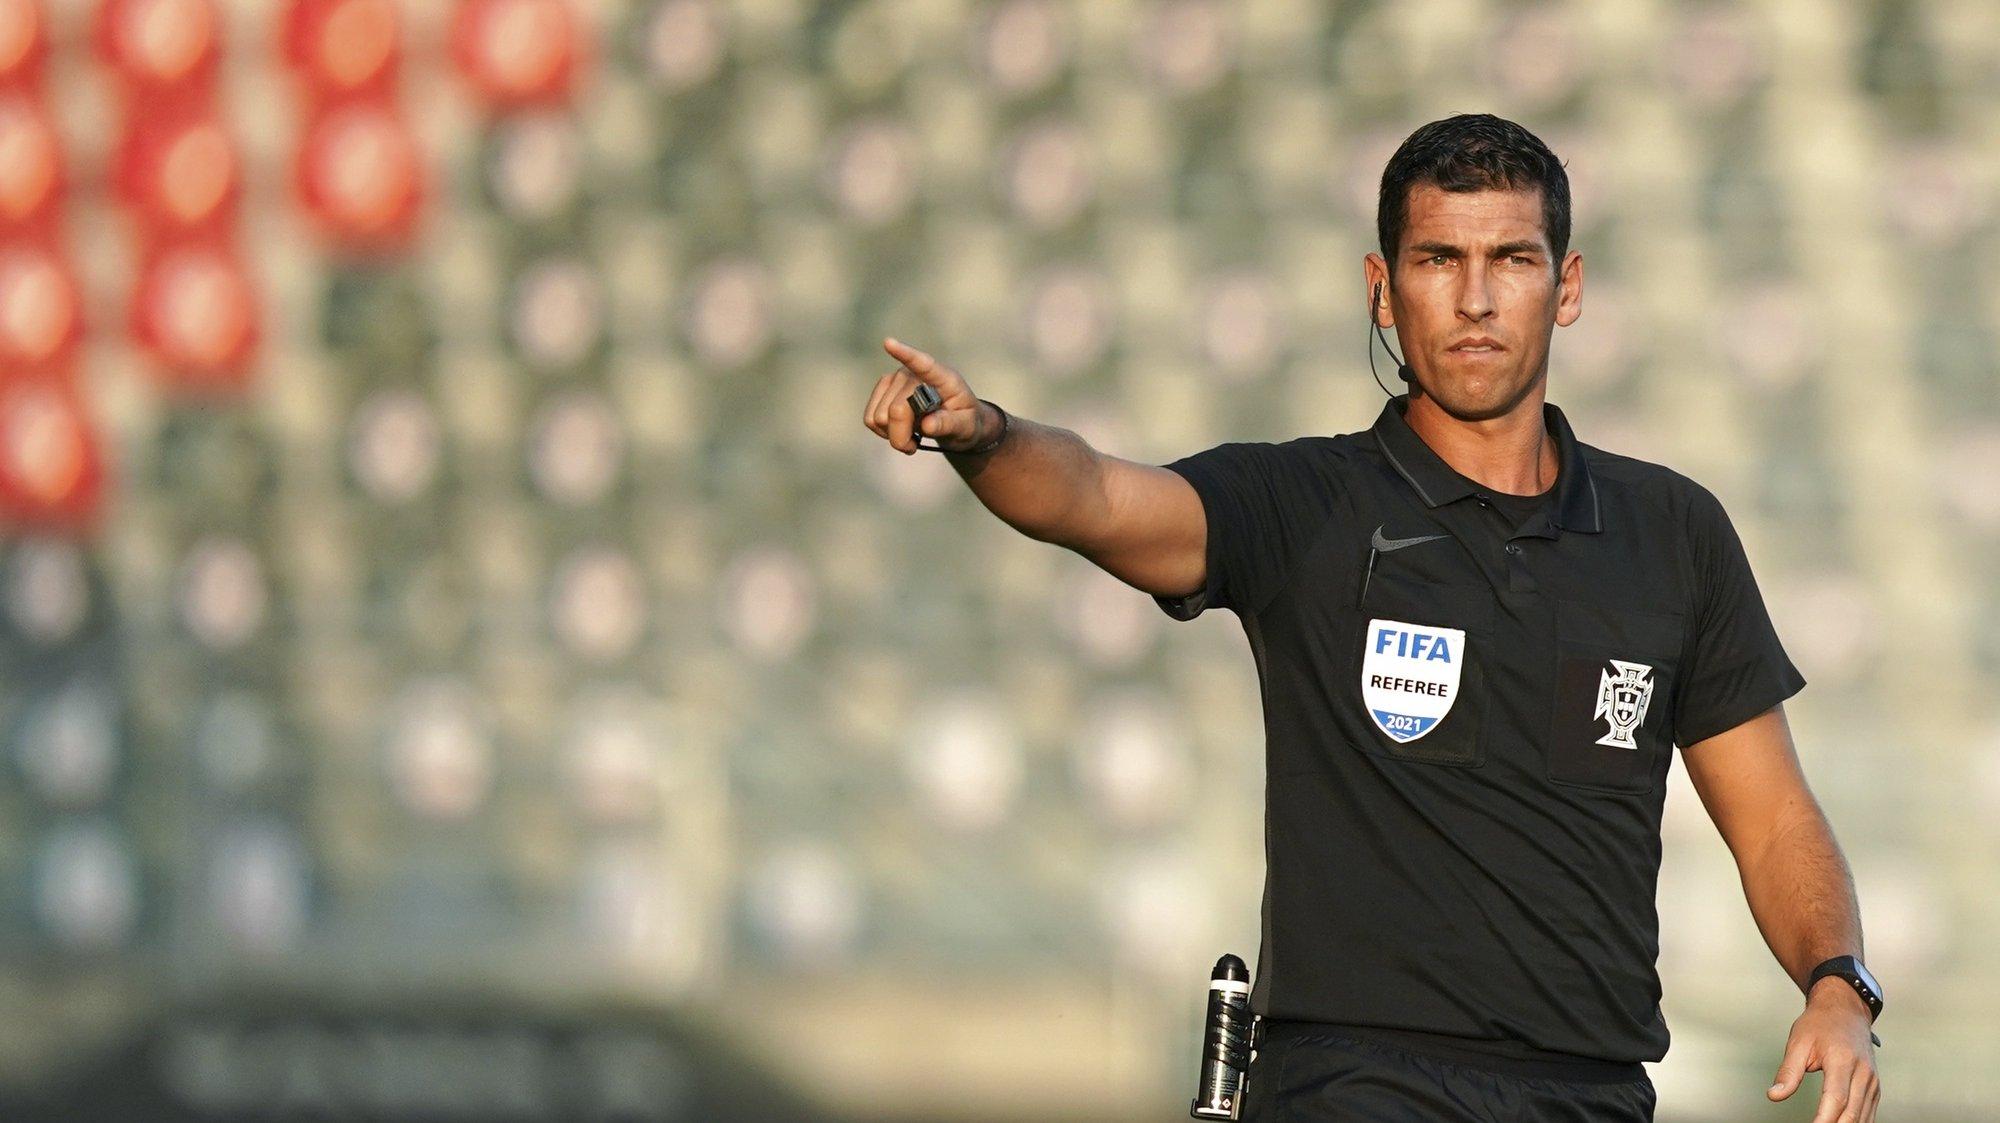 O árbitro Fábio Verissimo no jogo entre Paços de Ferreira e o Estoril a contar para a Primeira Liga de Futebol realizado no Estádio da Mata Real em Paços de Ferreira, 23 de agosto 2021. HUGO DELGADO/LUSA